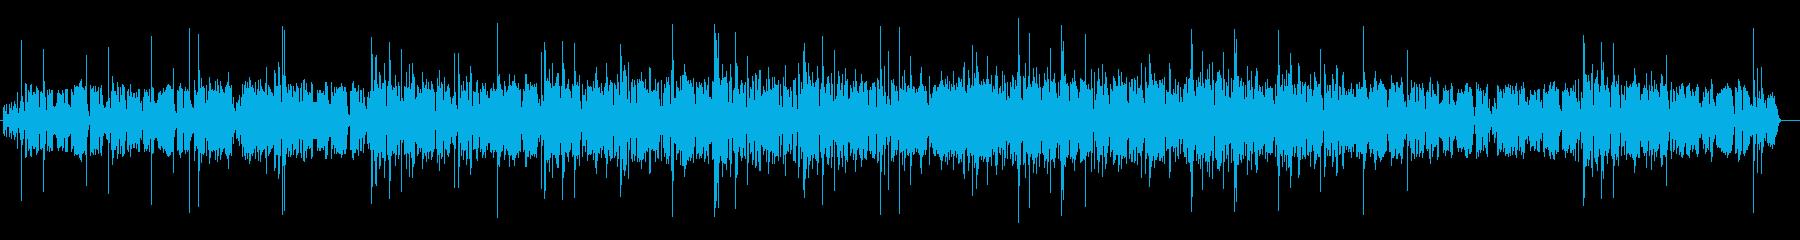 オープニング等に陽気で楽しいクラリネットの再生済みの波形